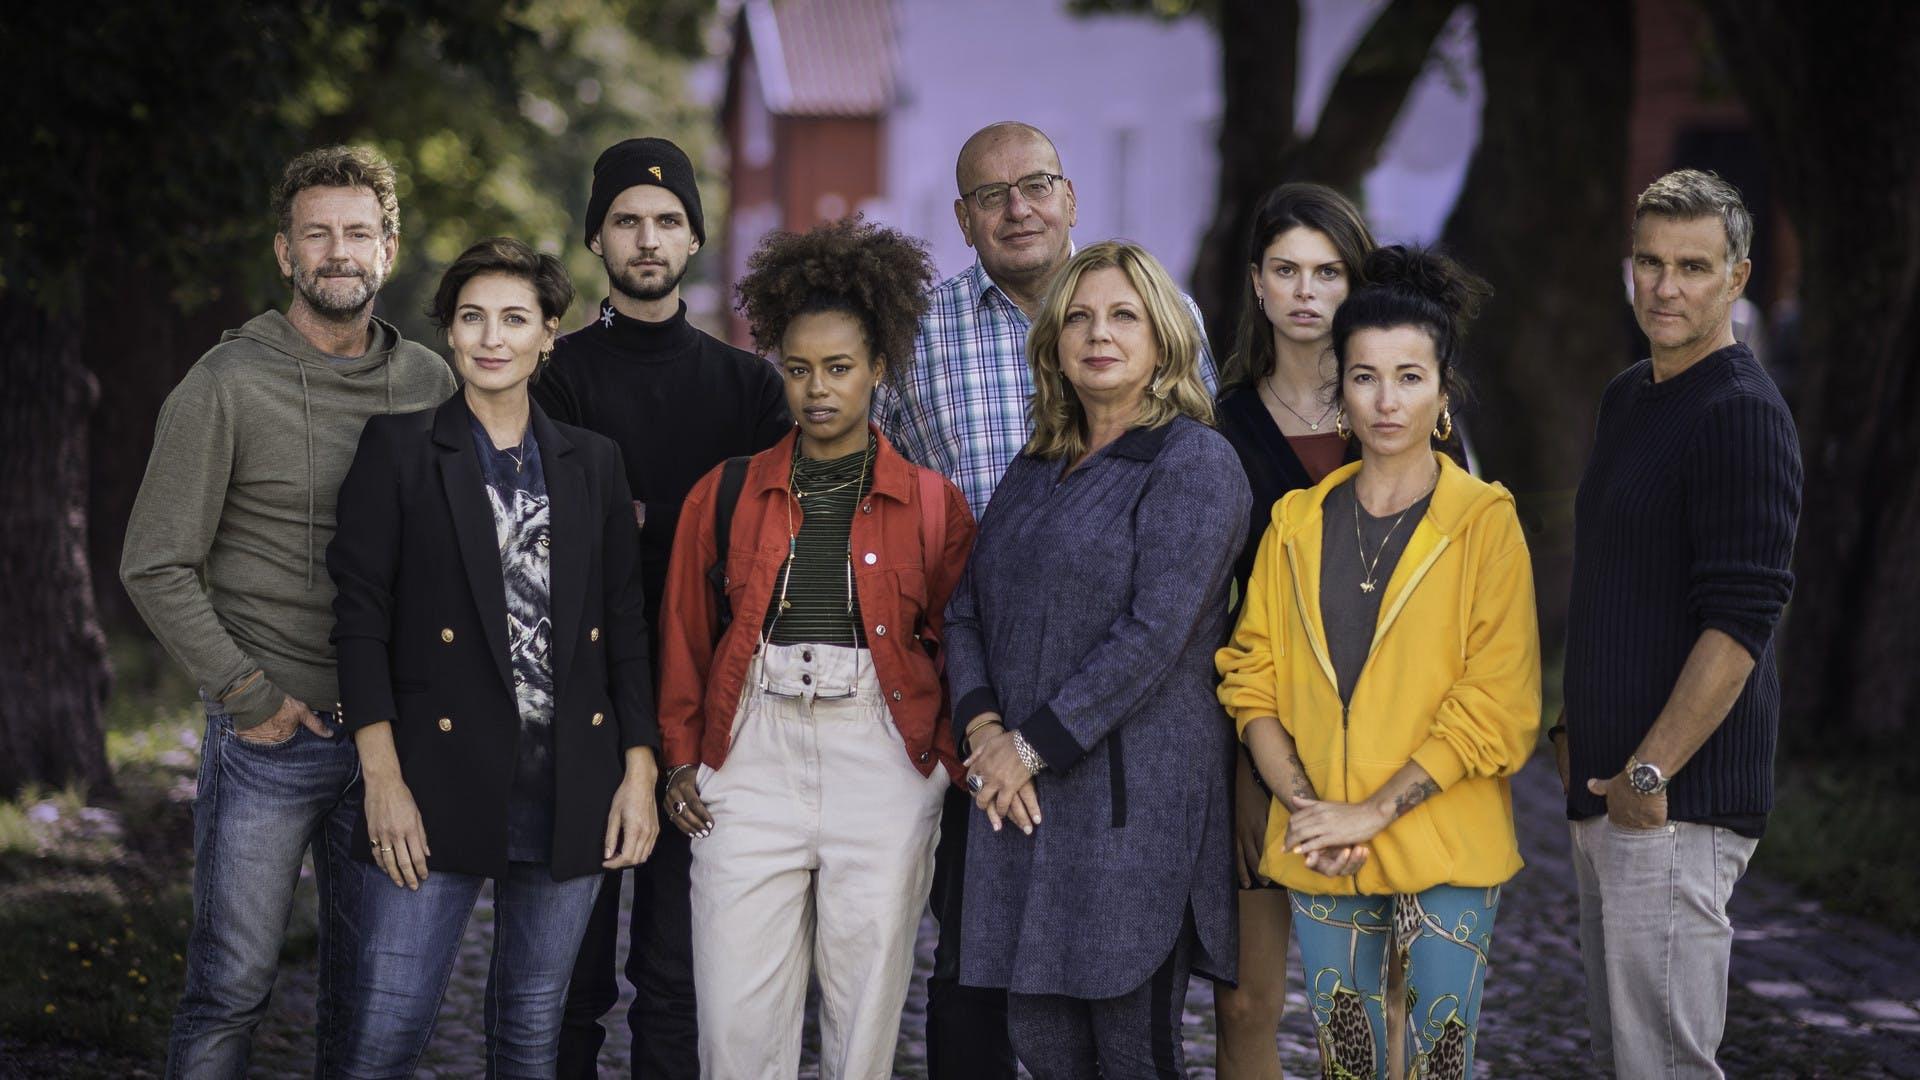 Vlnr: Kluun, Vivienne van den Assem, Kaj van der Ree, Eva Cleven, Fred Teeven, Loretta Schrijver, Bo Maerten, Birgit Schuurman en Viggo Waas.